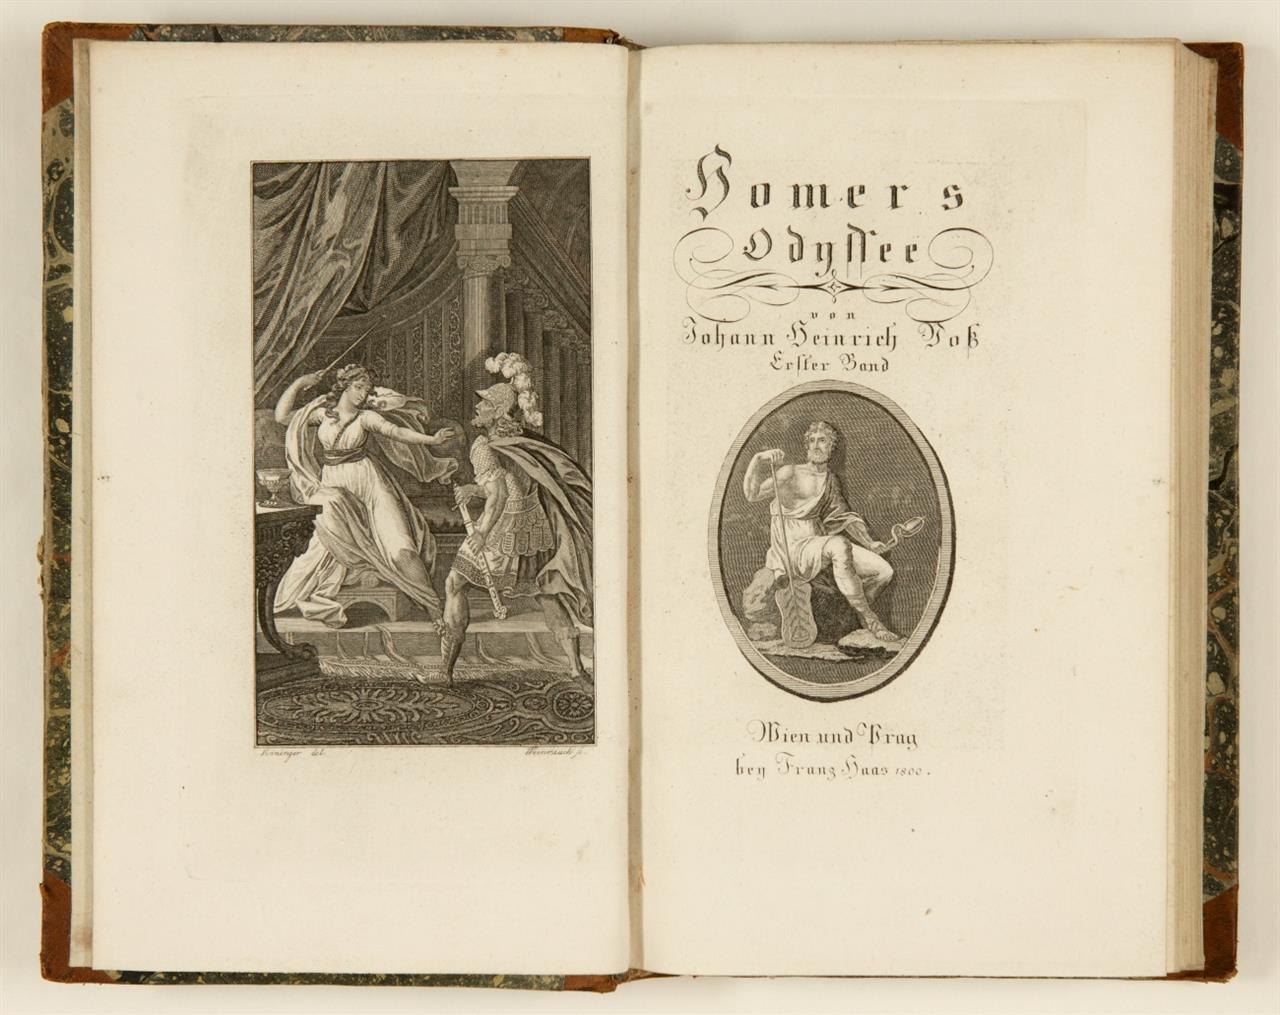 Homer, Ilias / Odyssee. 4 Bde. Wien u. Prag 1800.